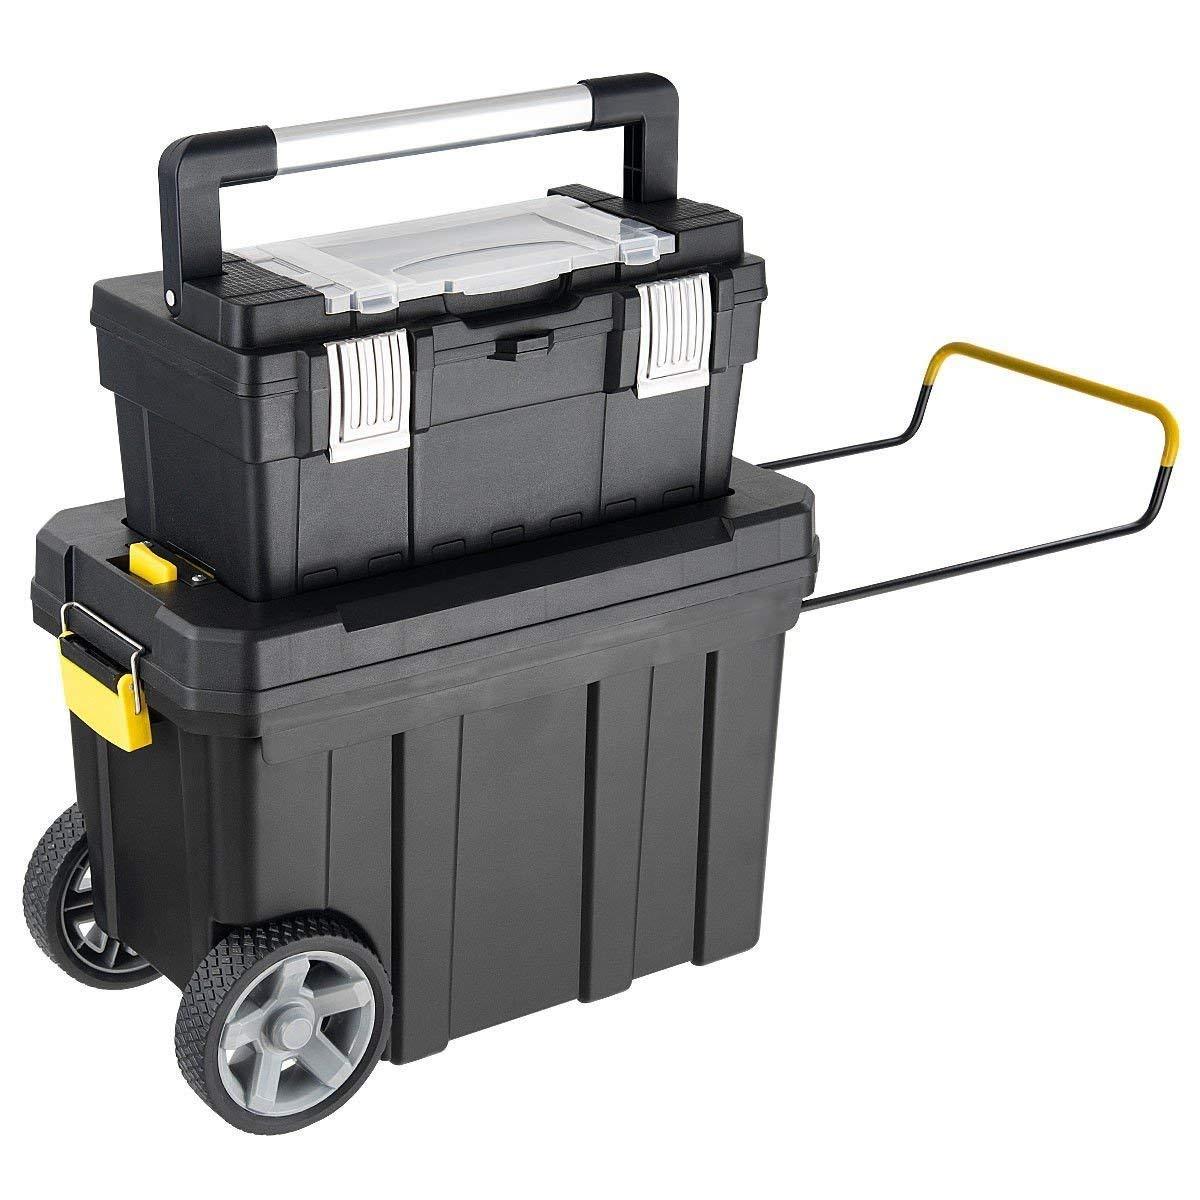 Shop-Vac 3880210 2.5 Gallon 3.5 Peak HP Tool Mate Tool Box Vacuum